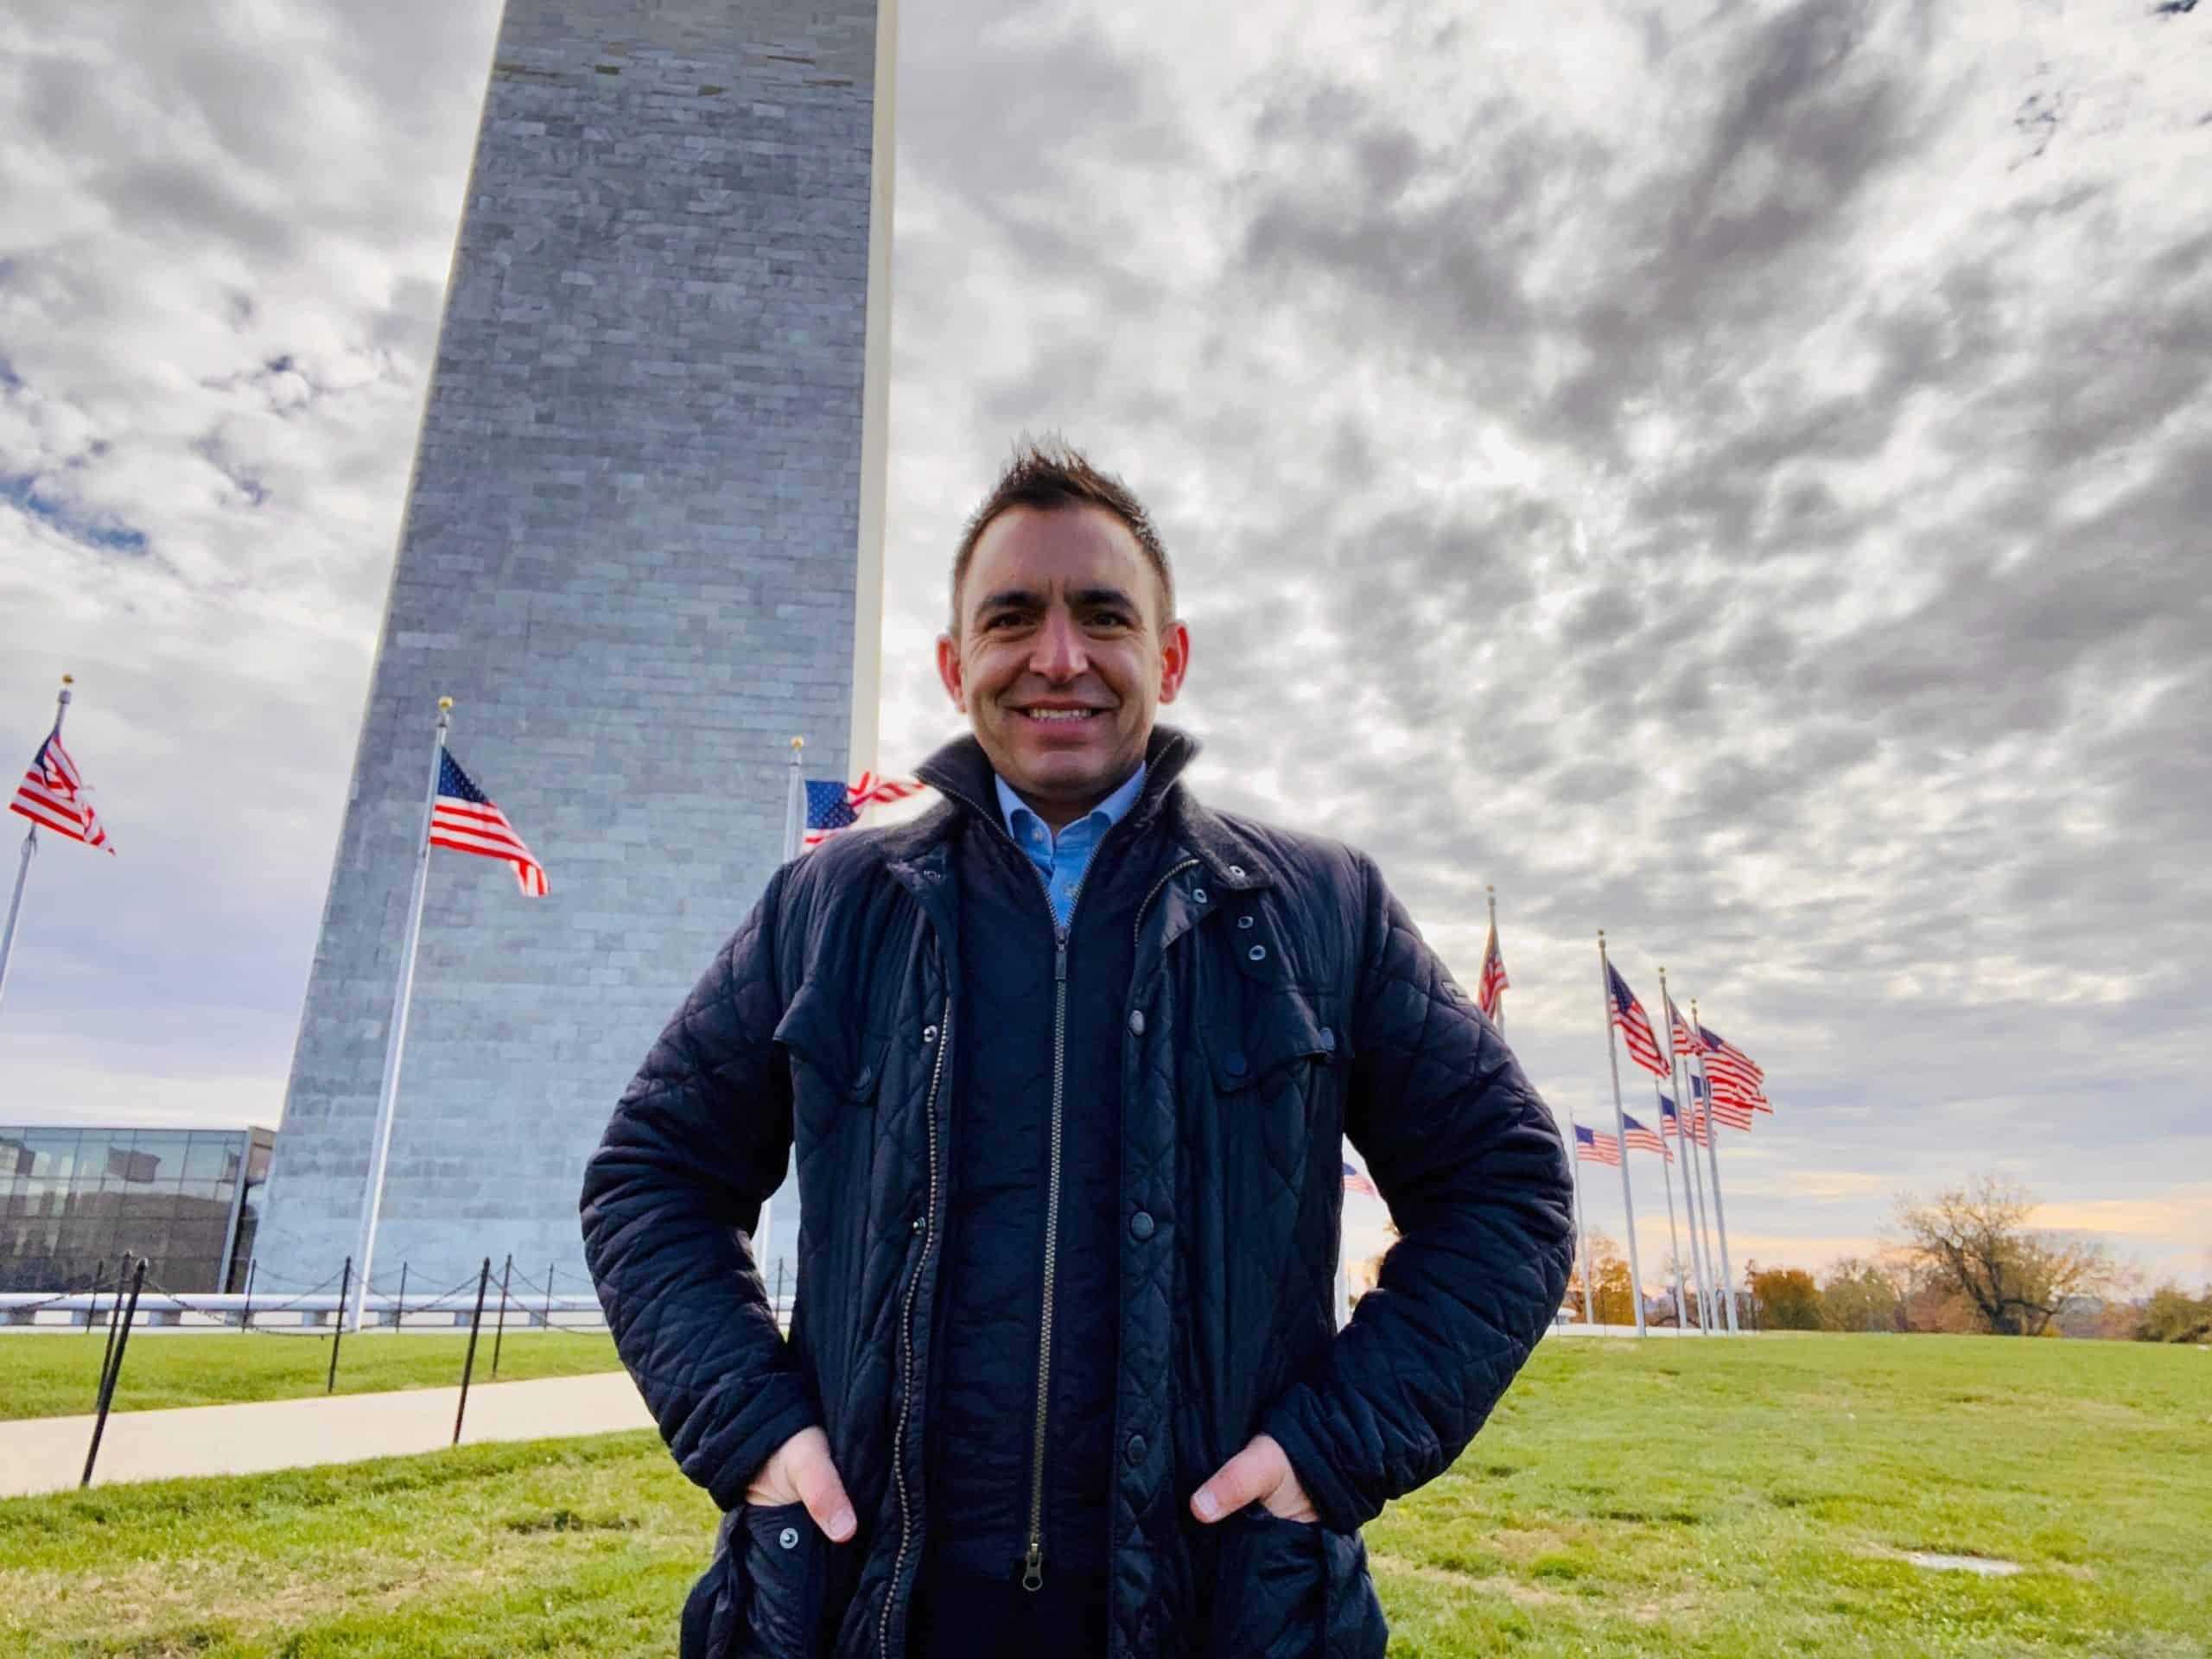 Steven Mifsud in US